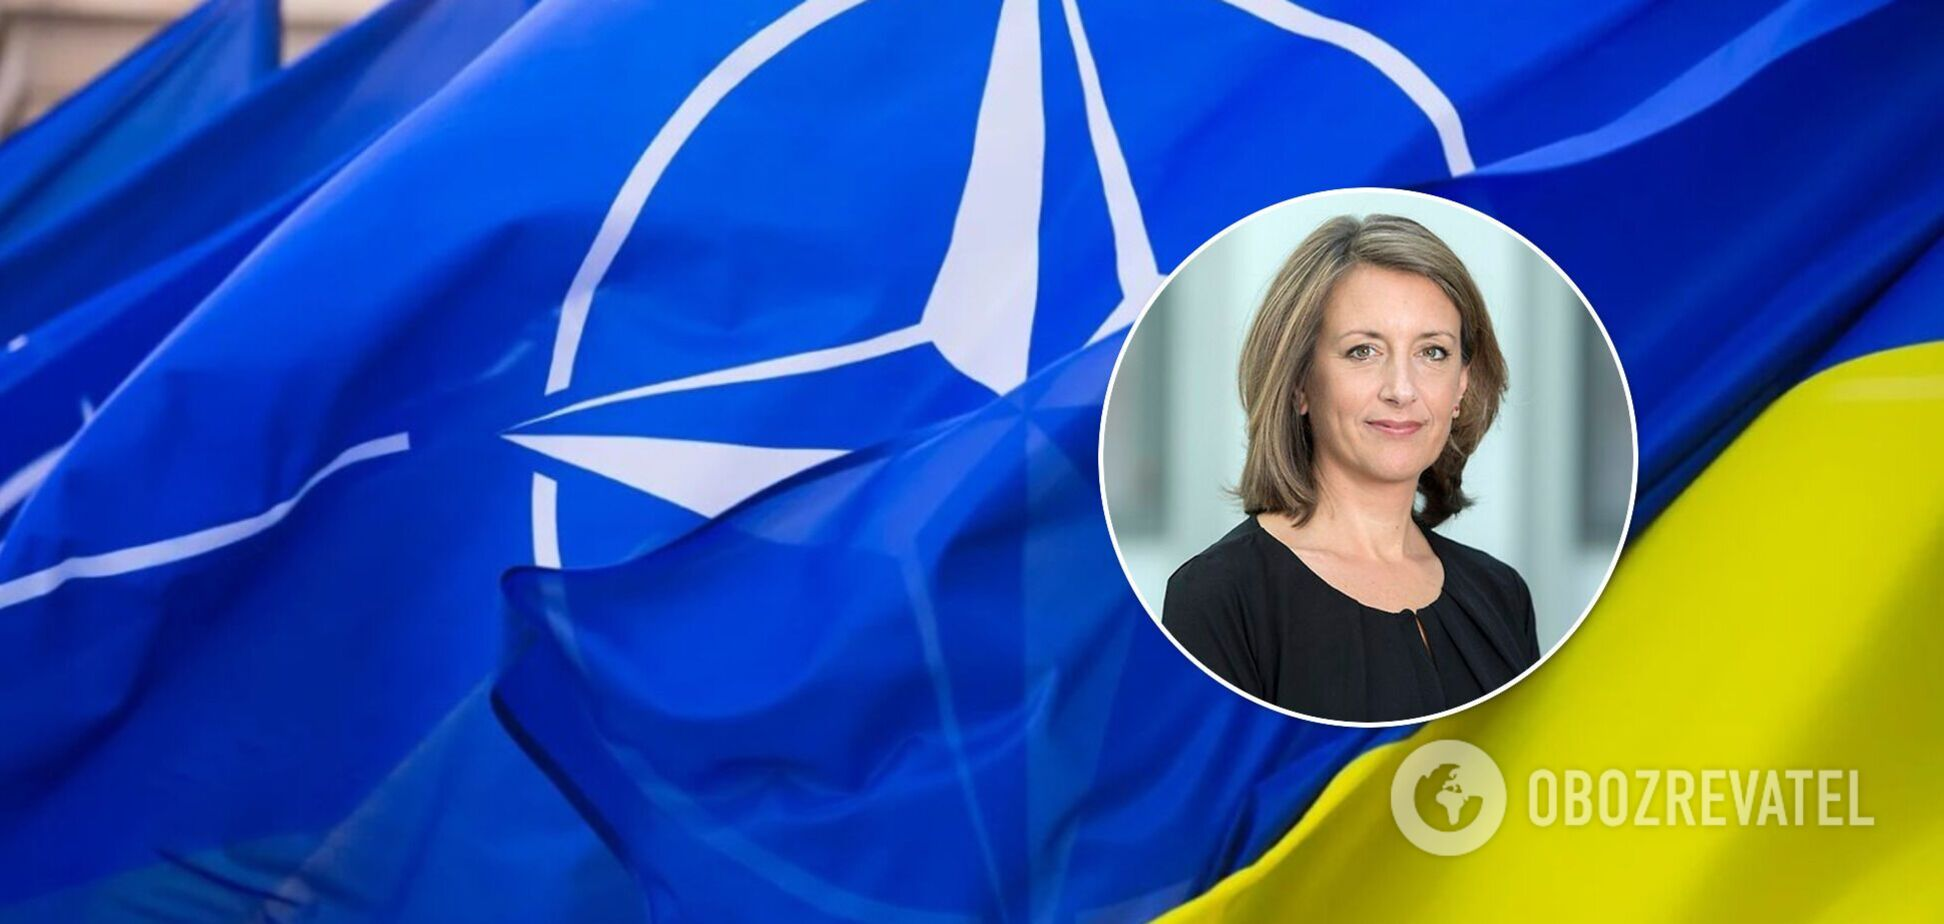 У Німеччині заявили, що вступу України в НАТО немає на порядку денному: що говорять в Альянсі